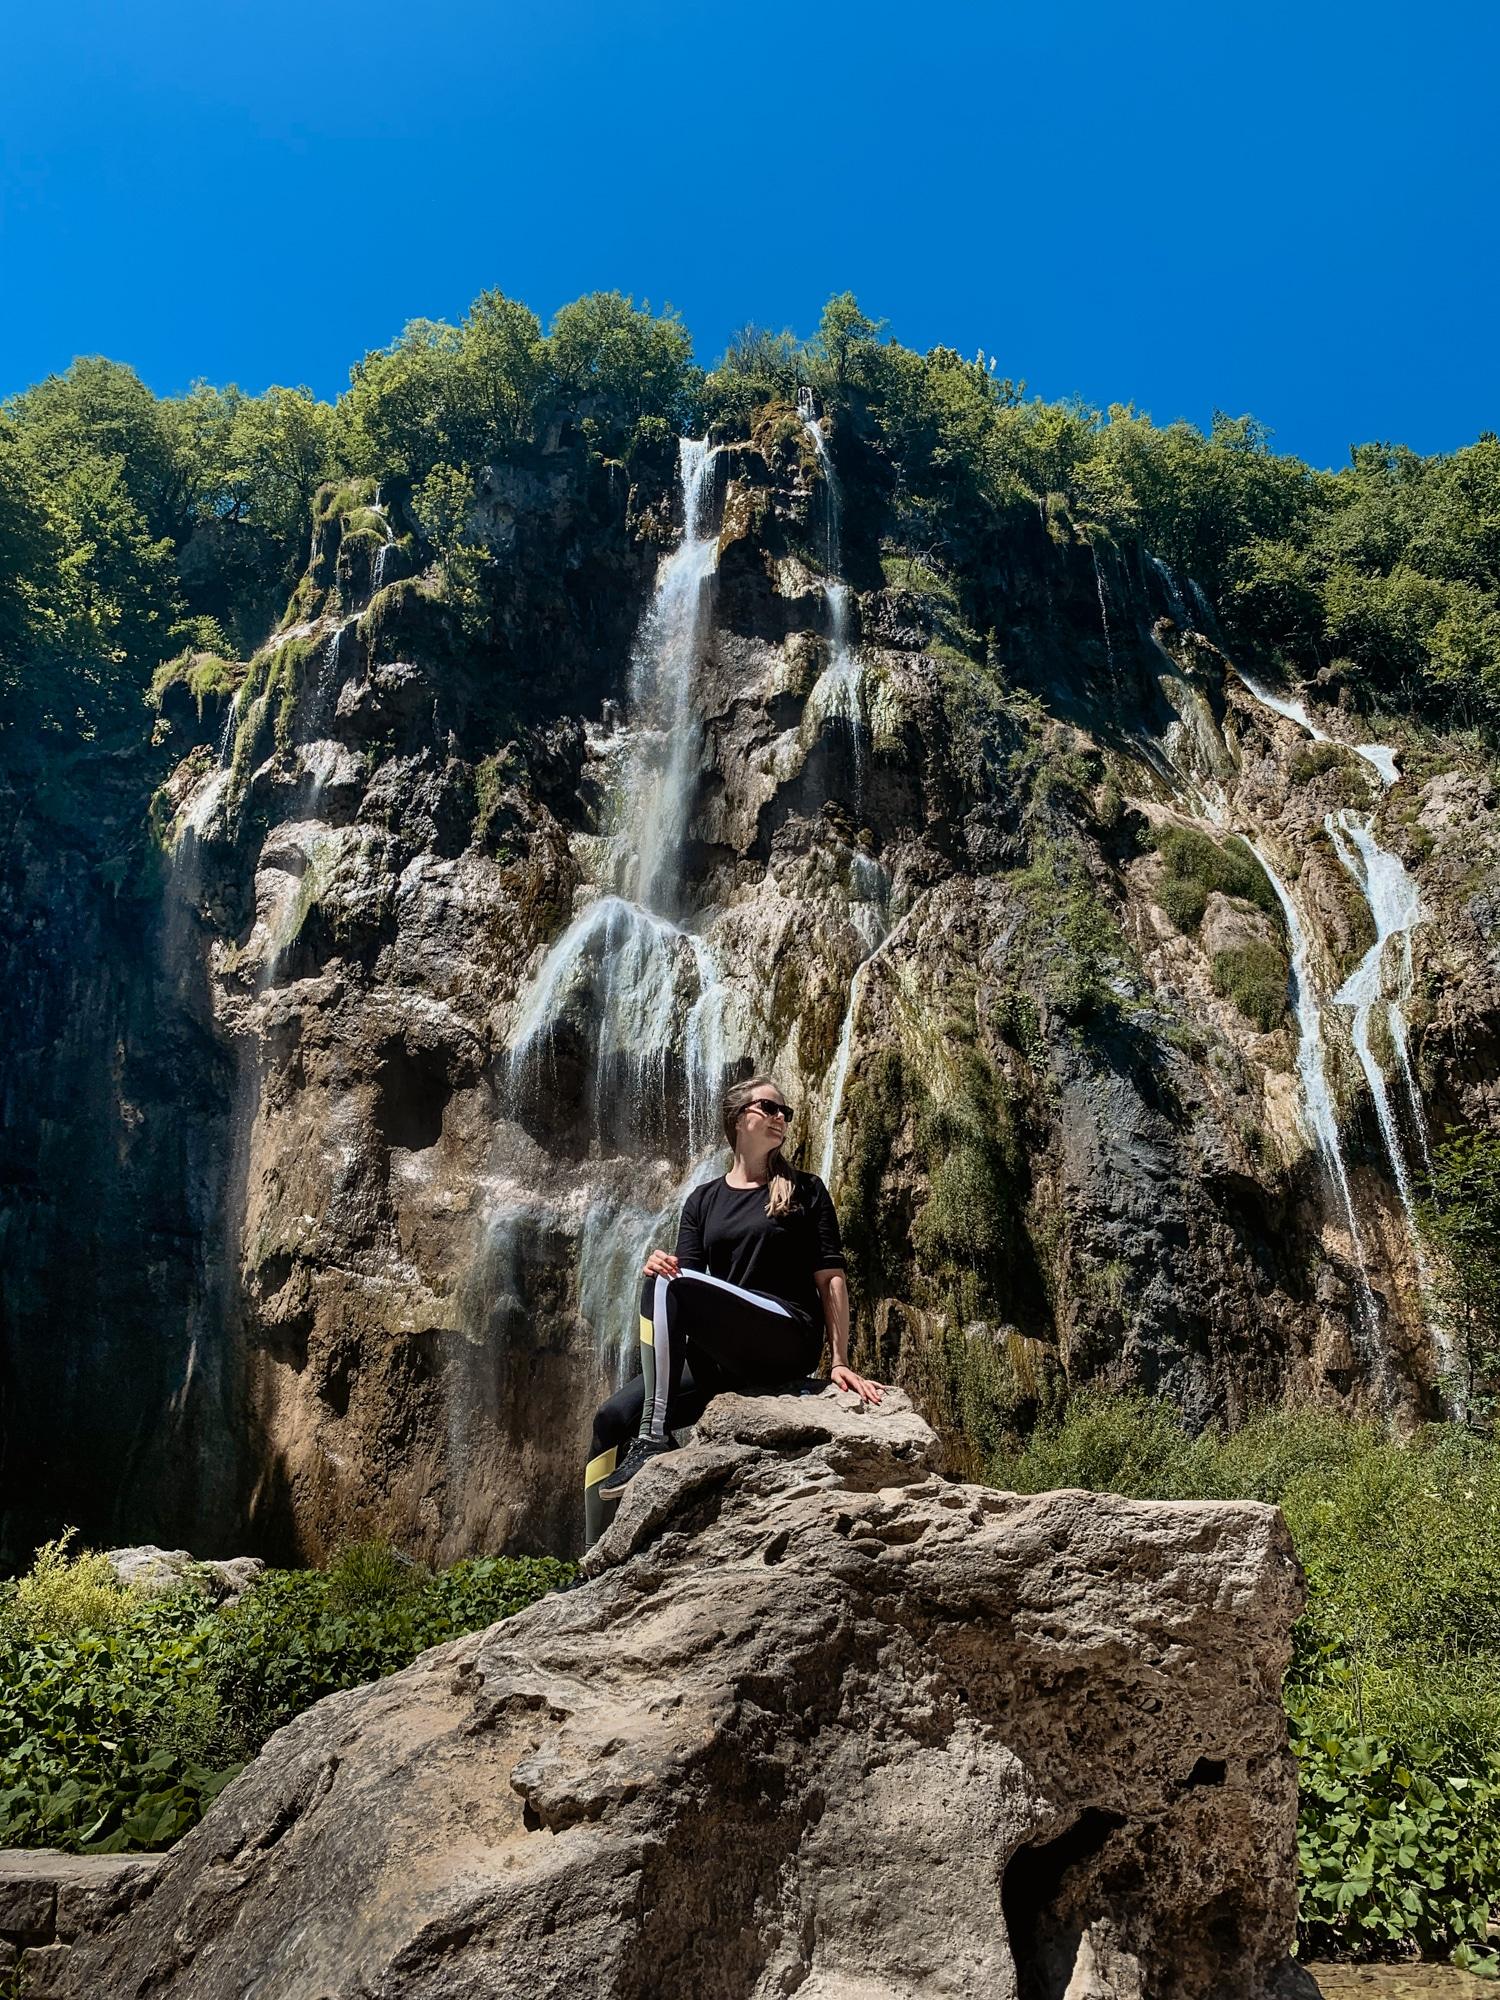 Nationalpark Plitvicer Seen: Tipps für den schönsten Kroatien Nationalpark - Wasserfall Veliki Slap